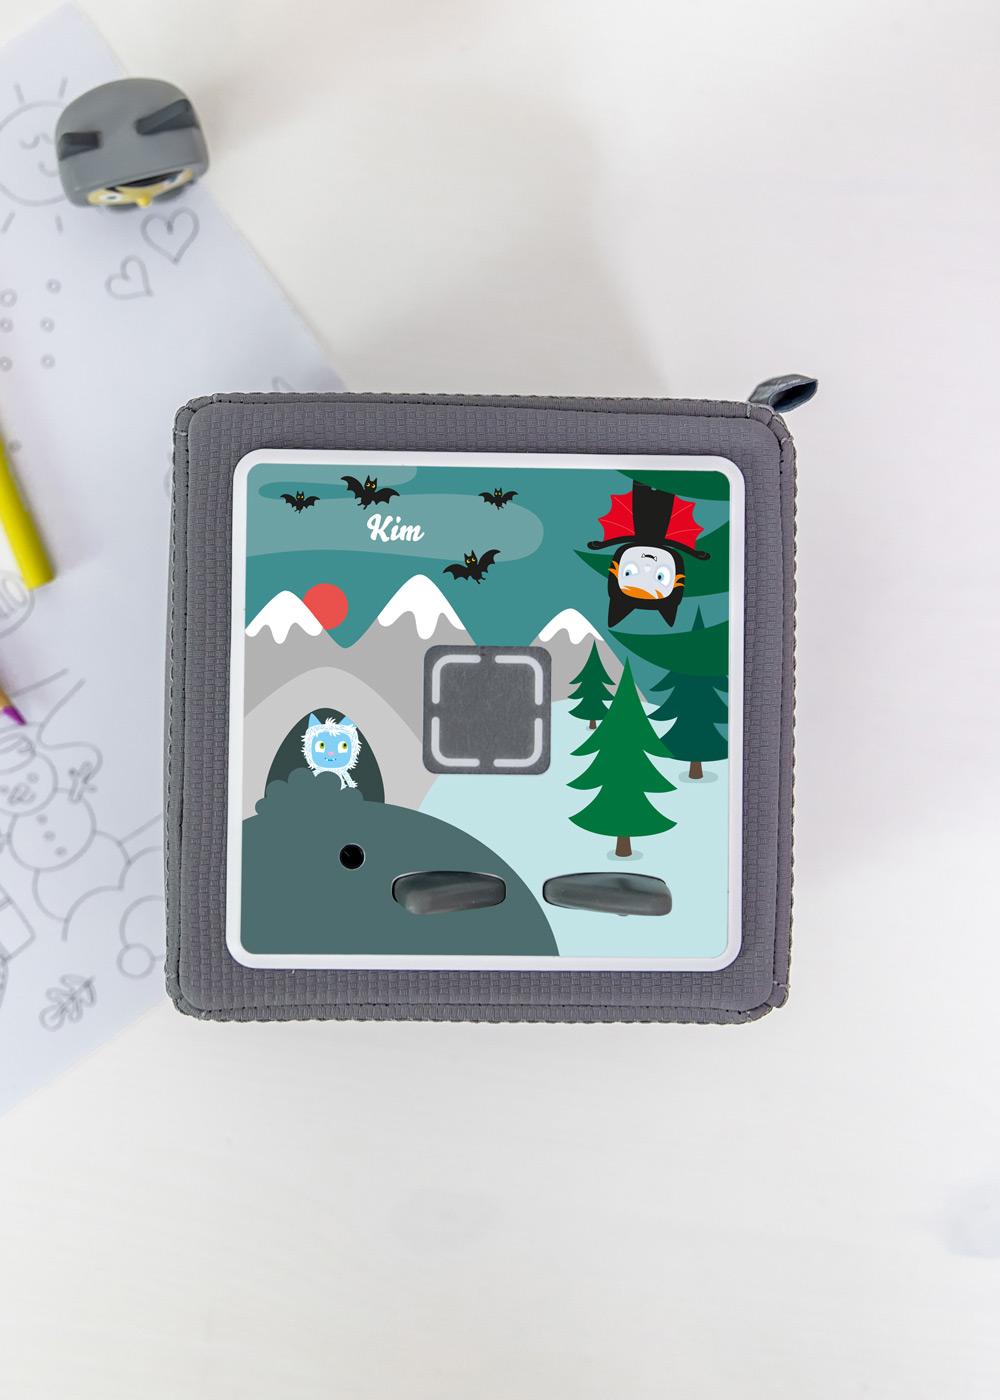 dekofolie toniebox magischer berg personalisiert kindername 2